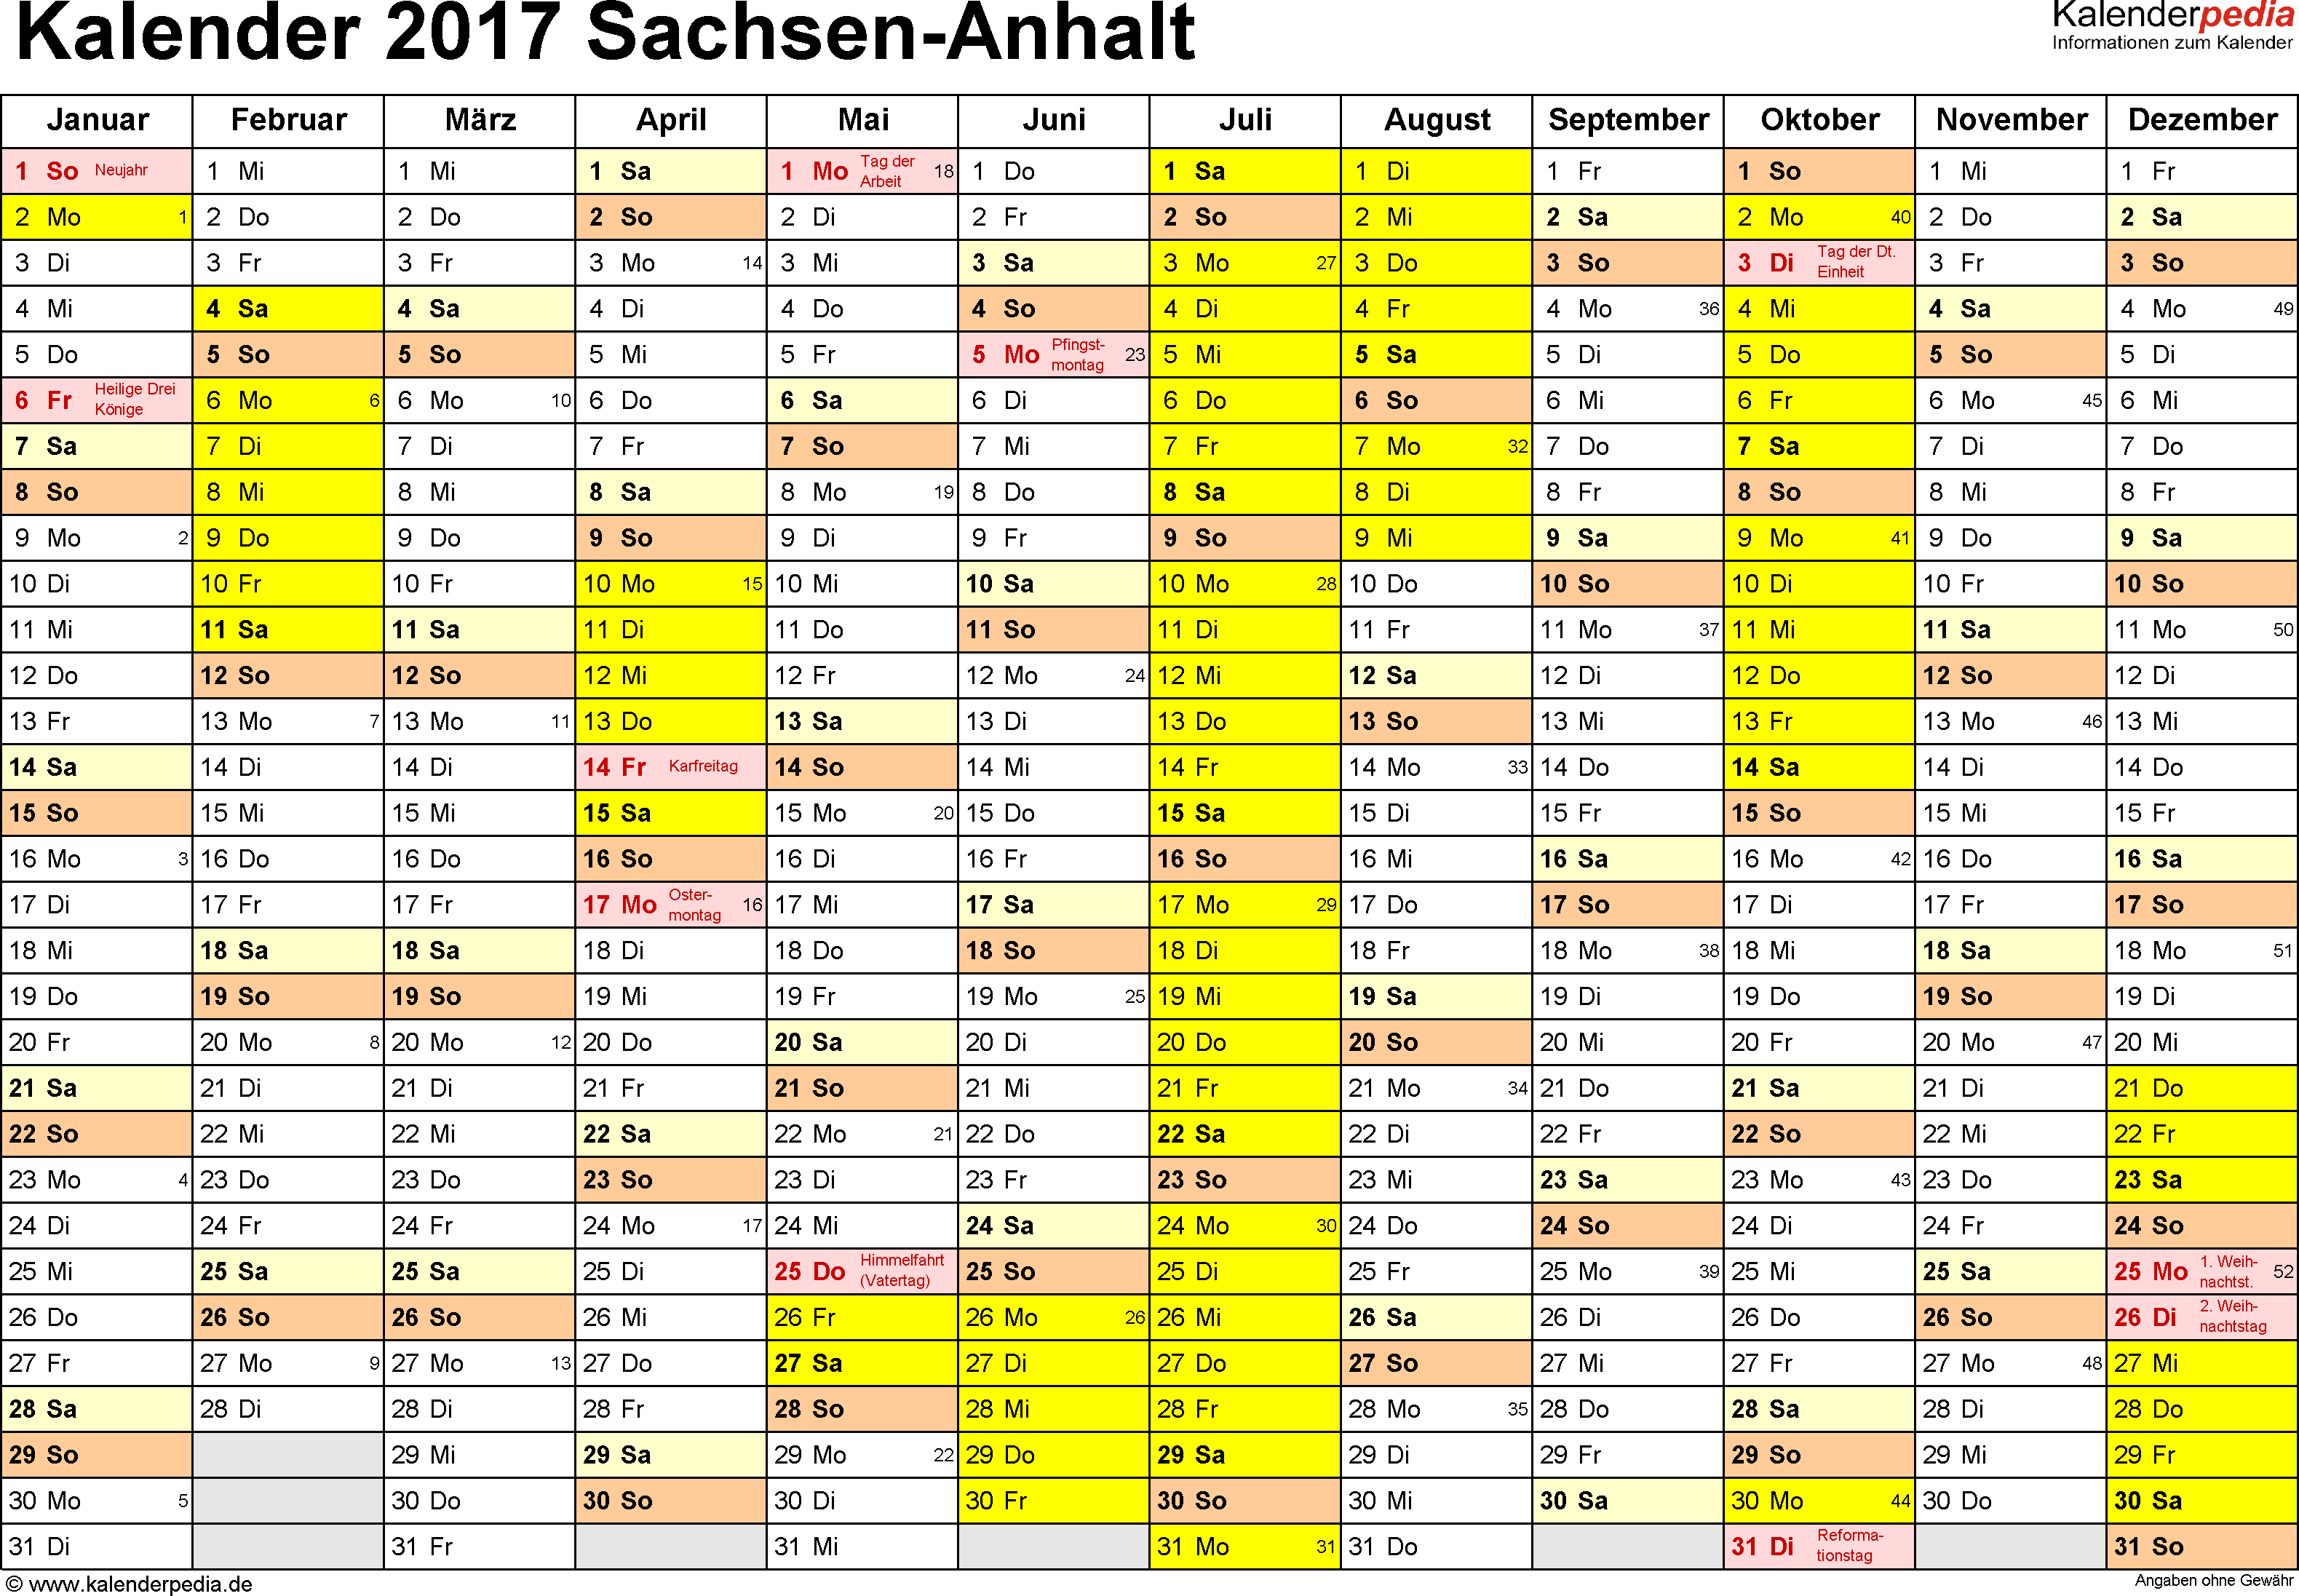 Vorlage 1: Kalender 2017 für Sachsen-Anhalt als Excel-Vorlage (Querformat, 1 Seite)